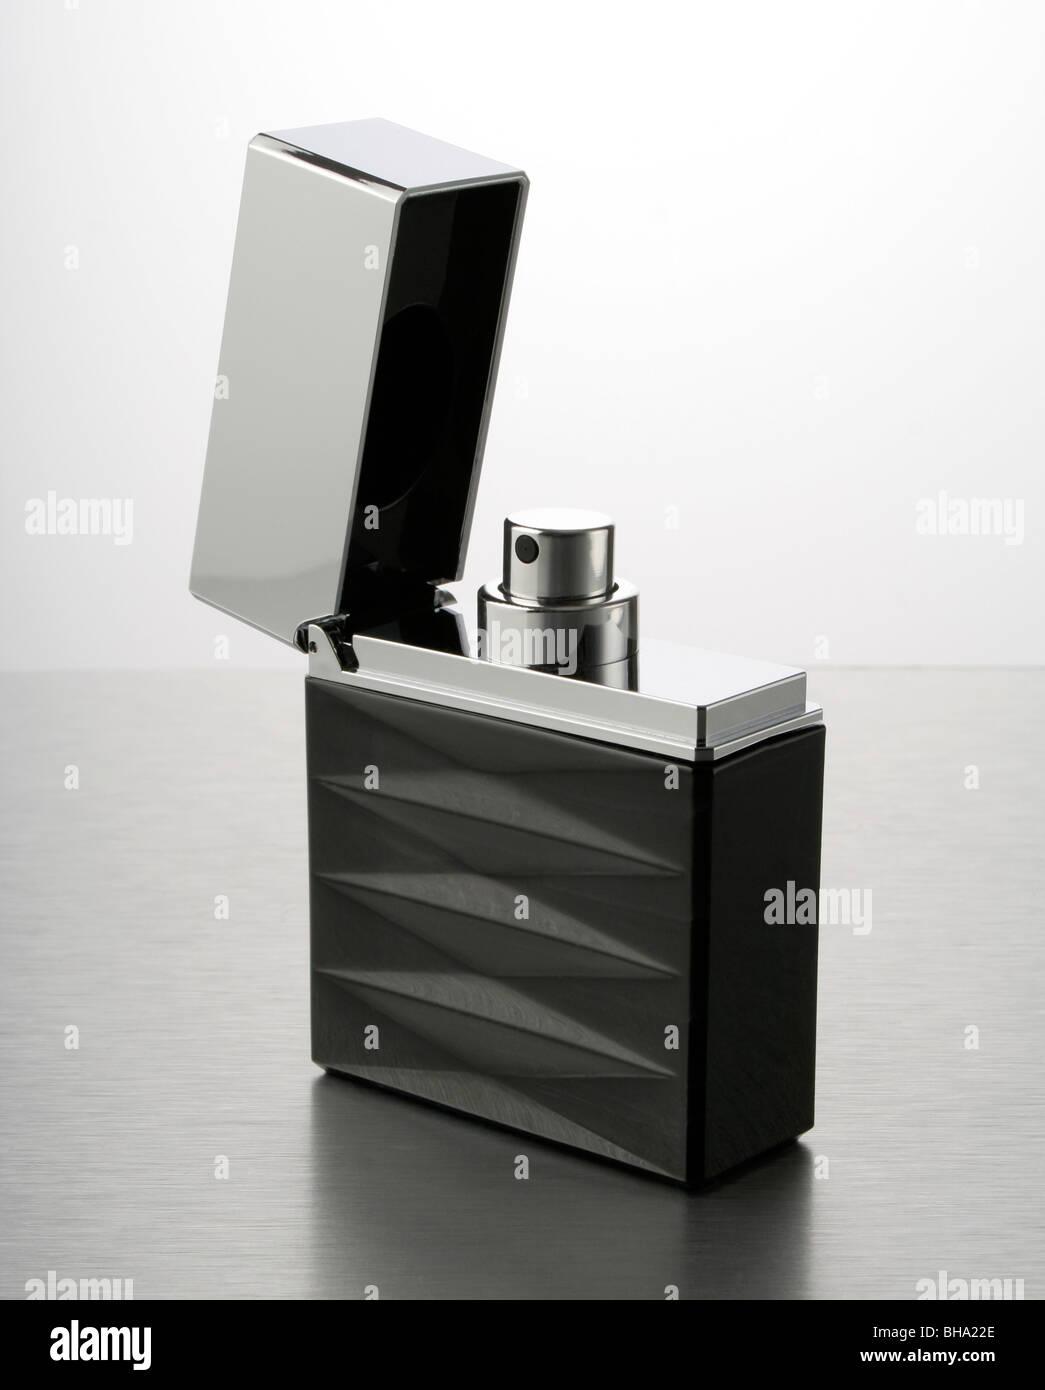 Giorgio Armani Attitude Eau de Toilette in the shape of a lighter. - Stock Image